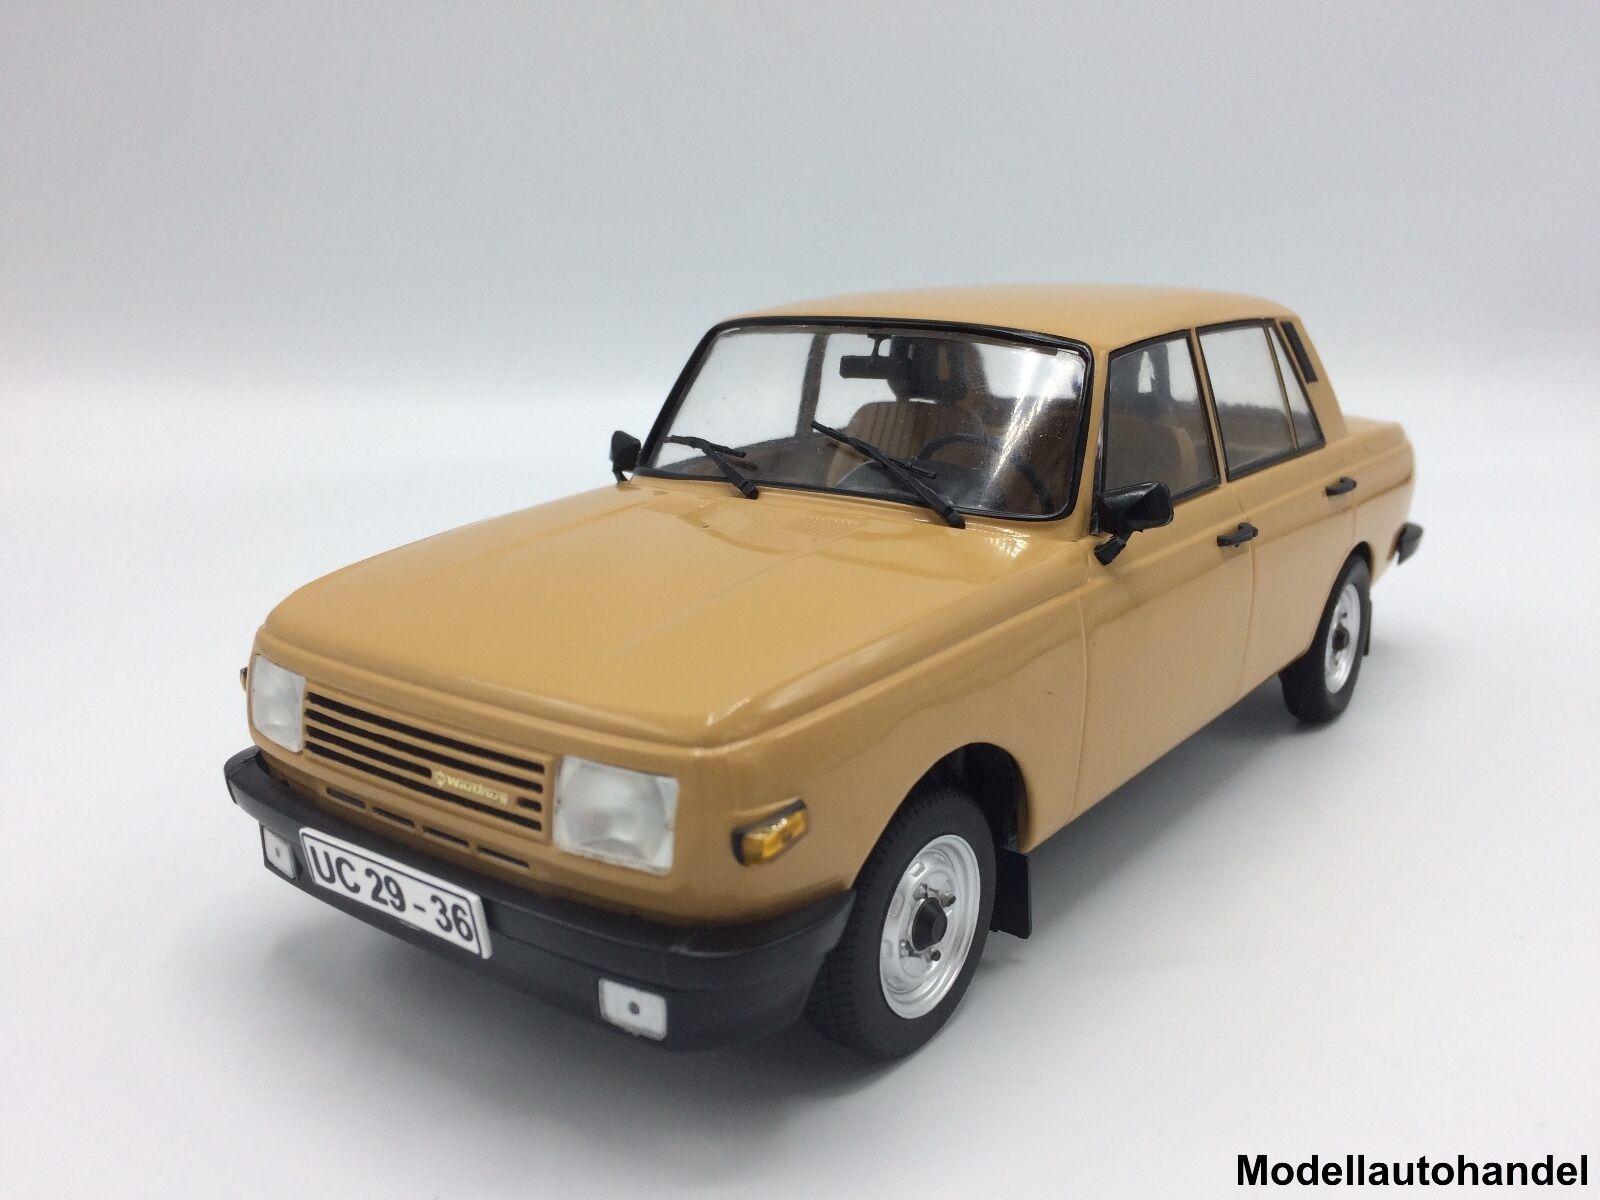 hasta un 65% de descuento Wartburg Wartburg Wartburg 353 1985 marrón claro 1 18 microg  marcas de moda